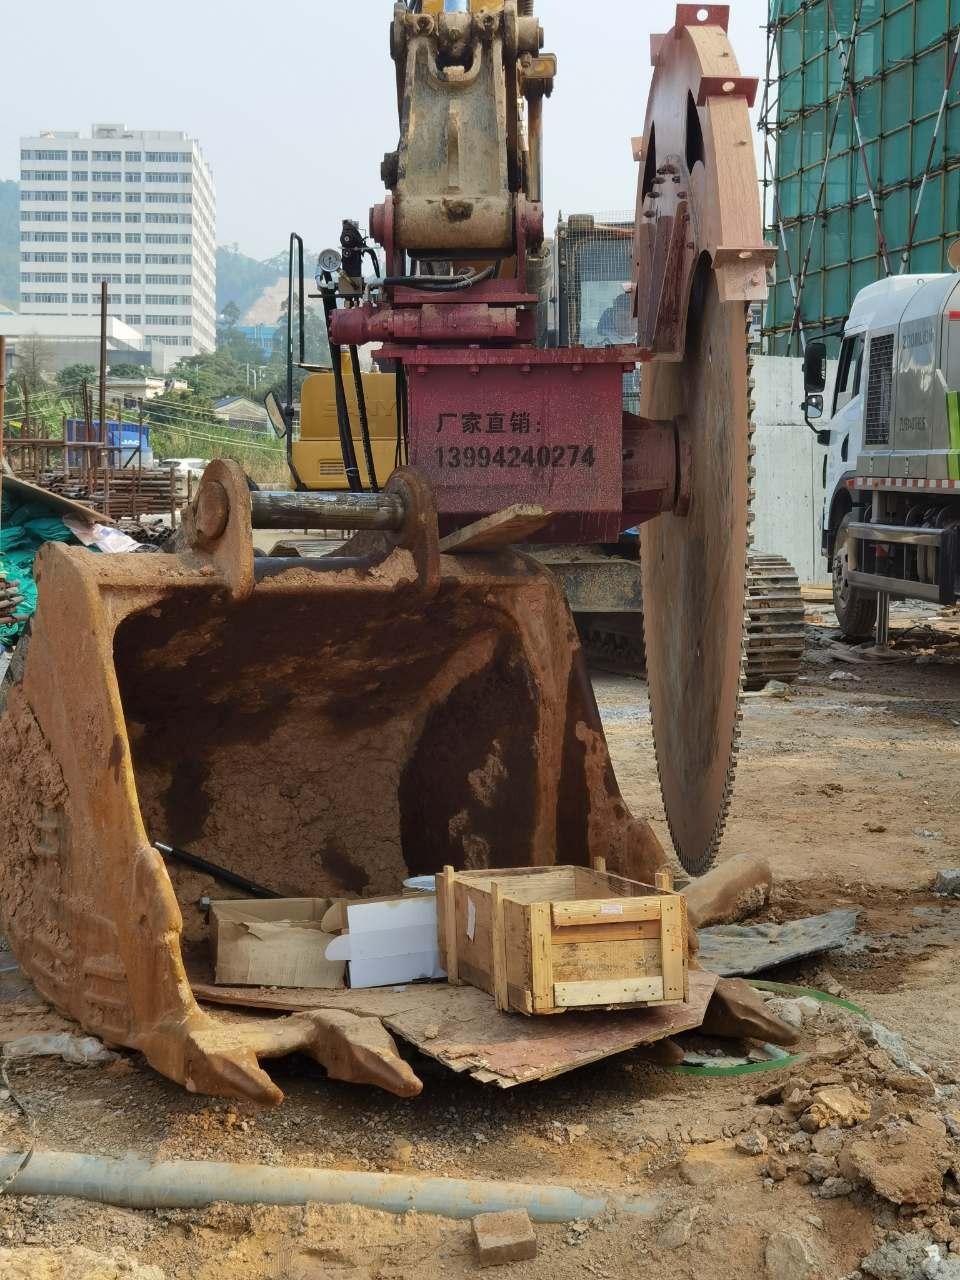 雅安市徐工回转伸缩岩石锯圆盘锯挖掘机驱动岩石锯切割速度快